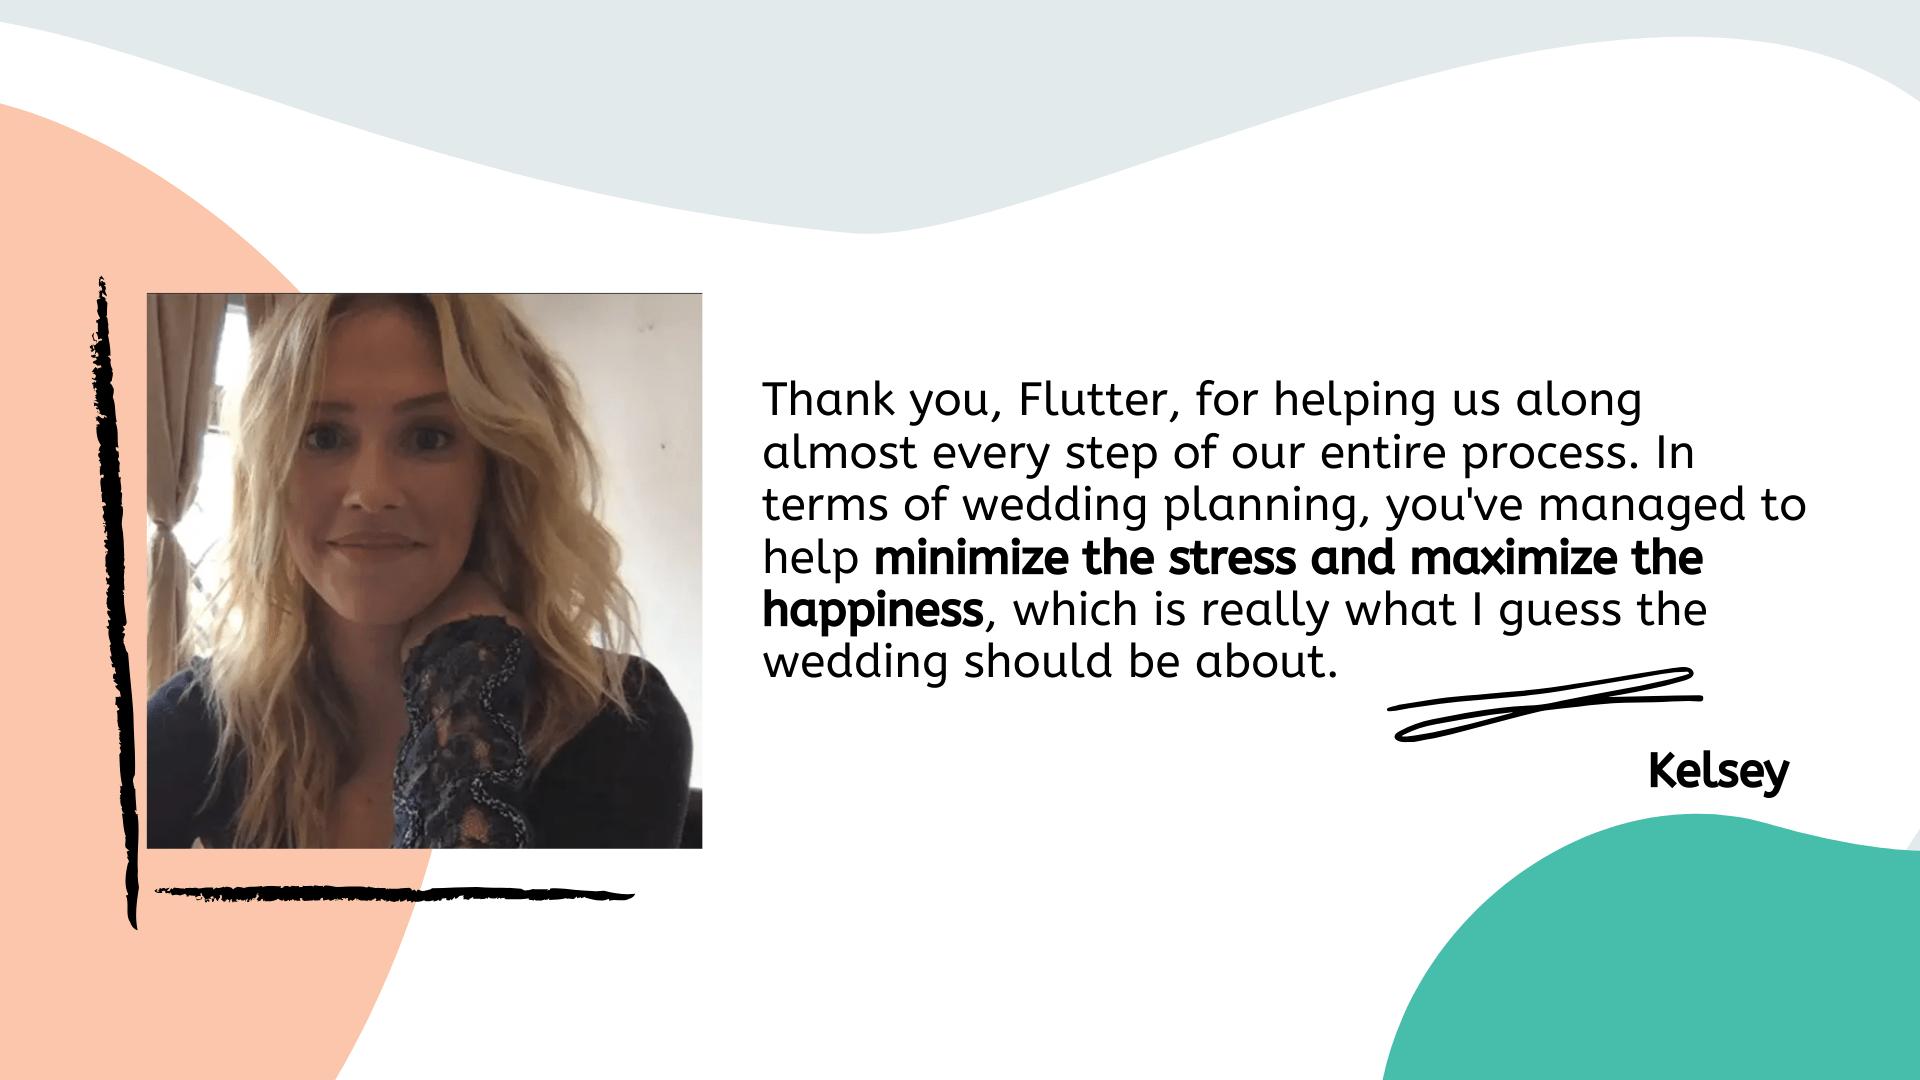 Kelsey Testimonial